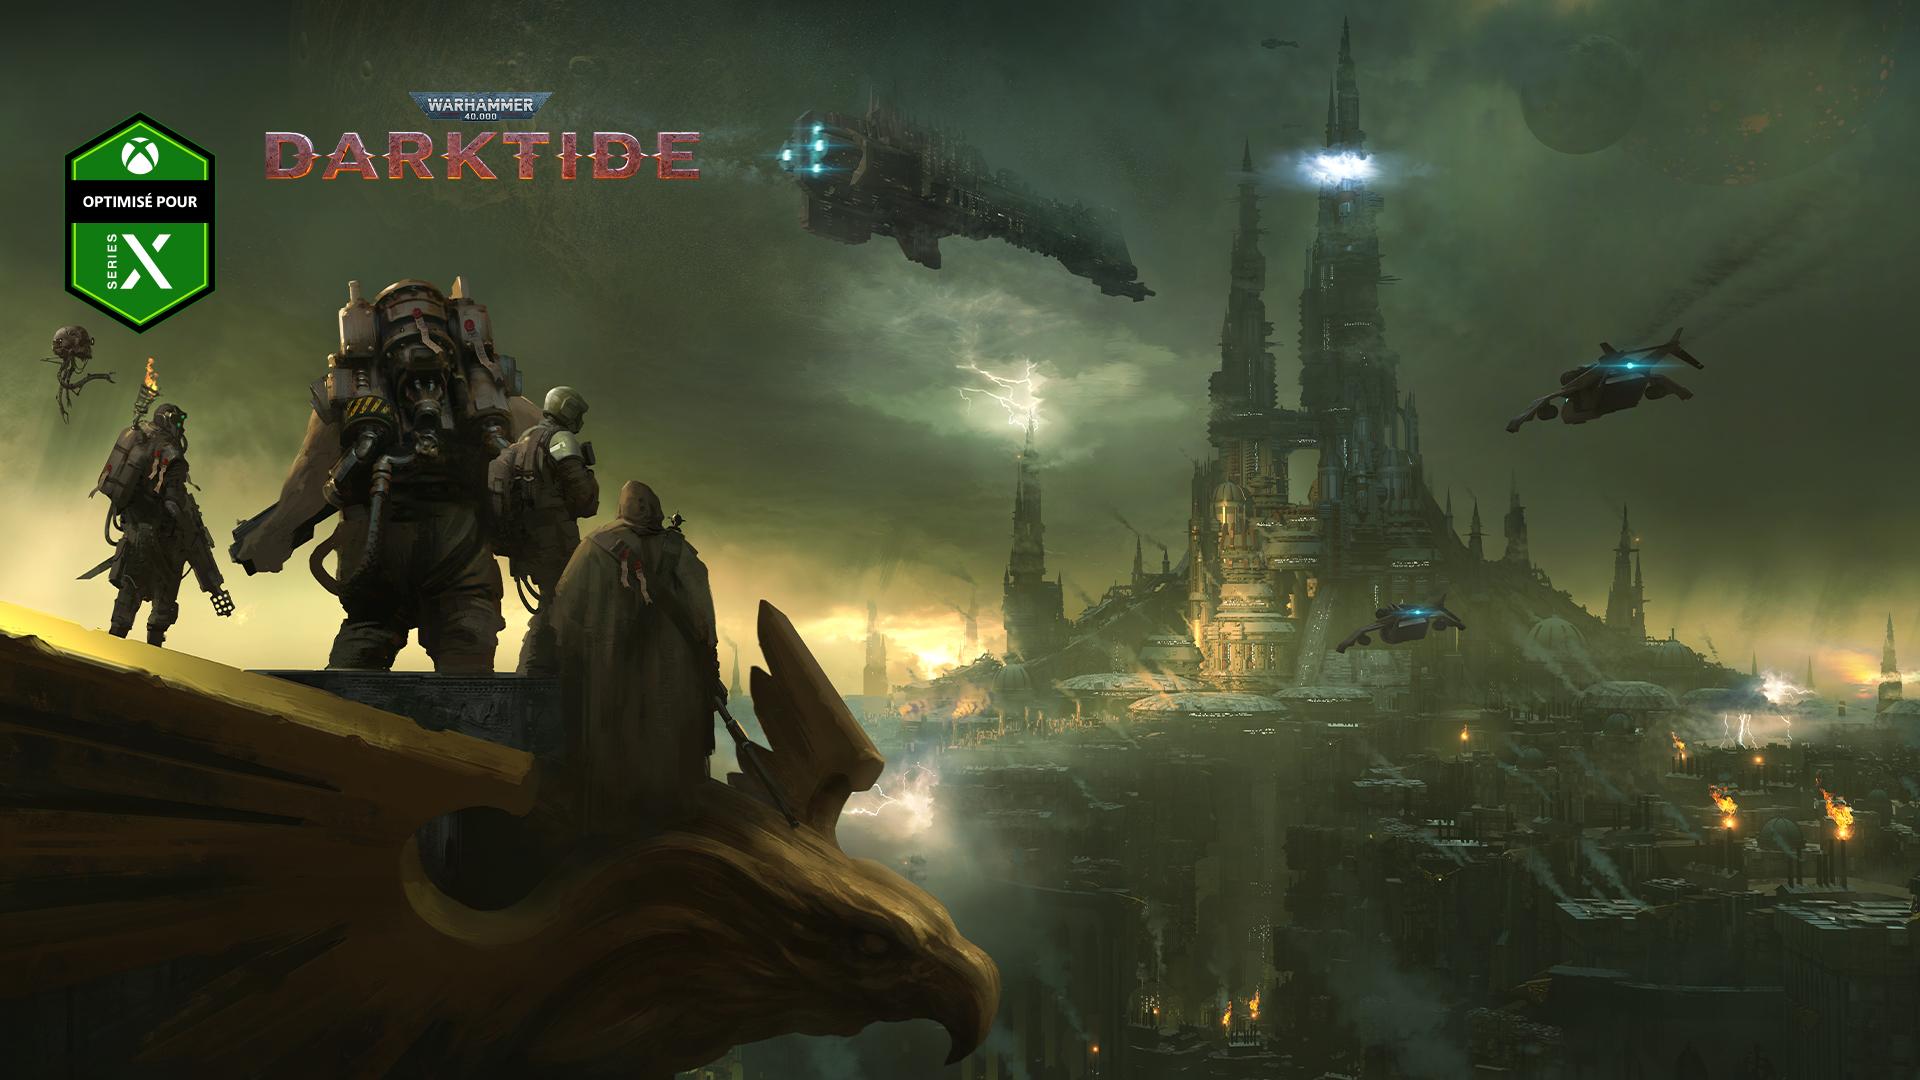 Optimisé pour Series X, Warhammer 40,000 Darktide, un groupe de personnages surplombe une ville enveloppée de brouillard.